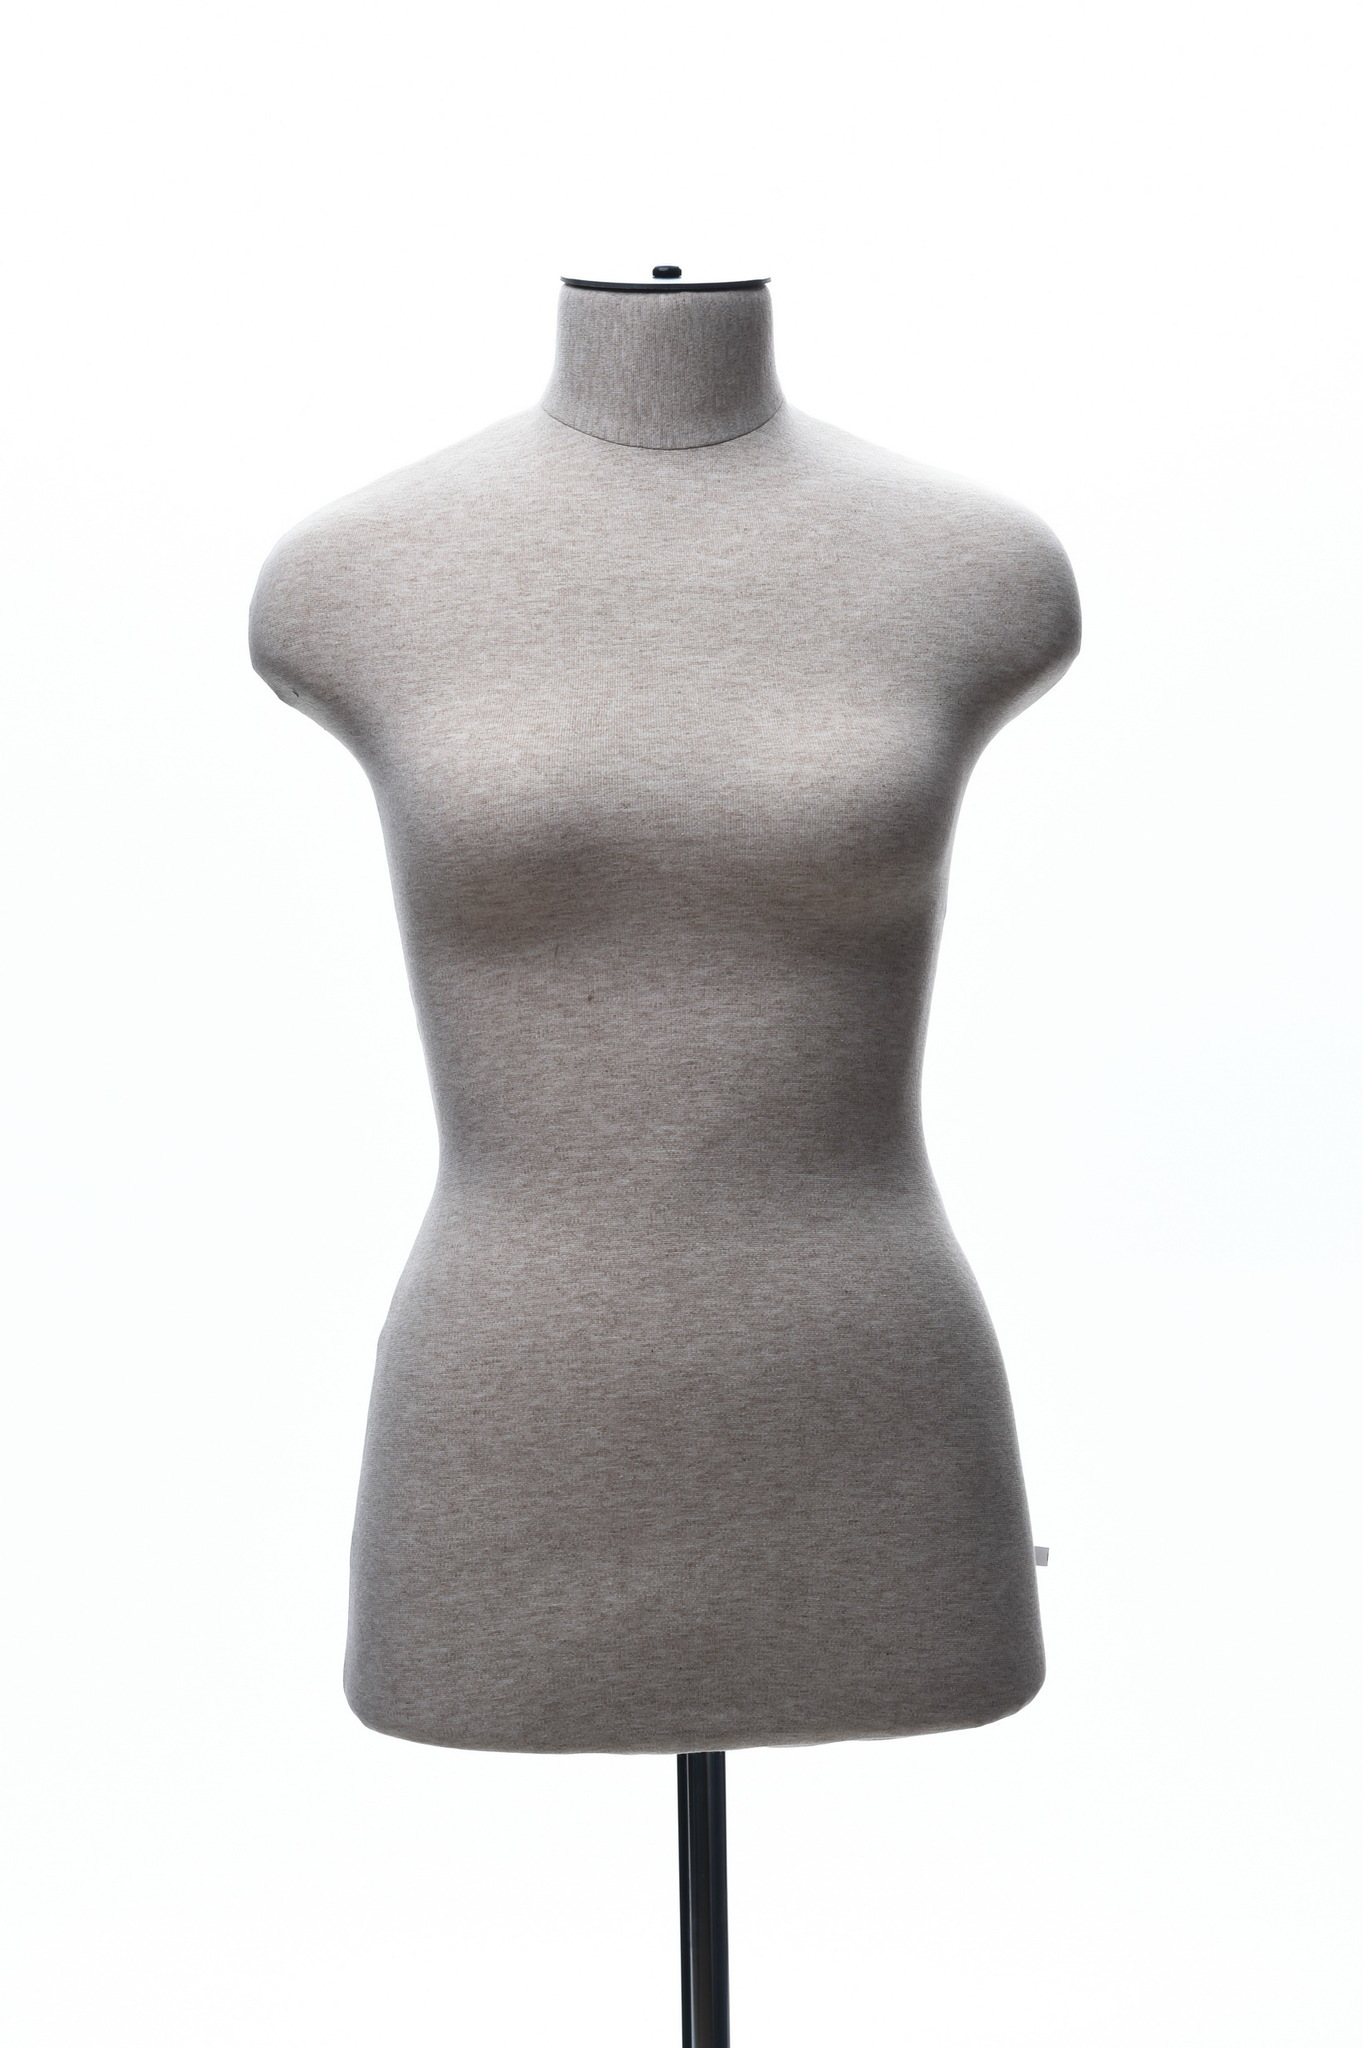 Мягкий манекен женский 46 размер (телесный)